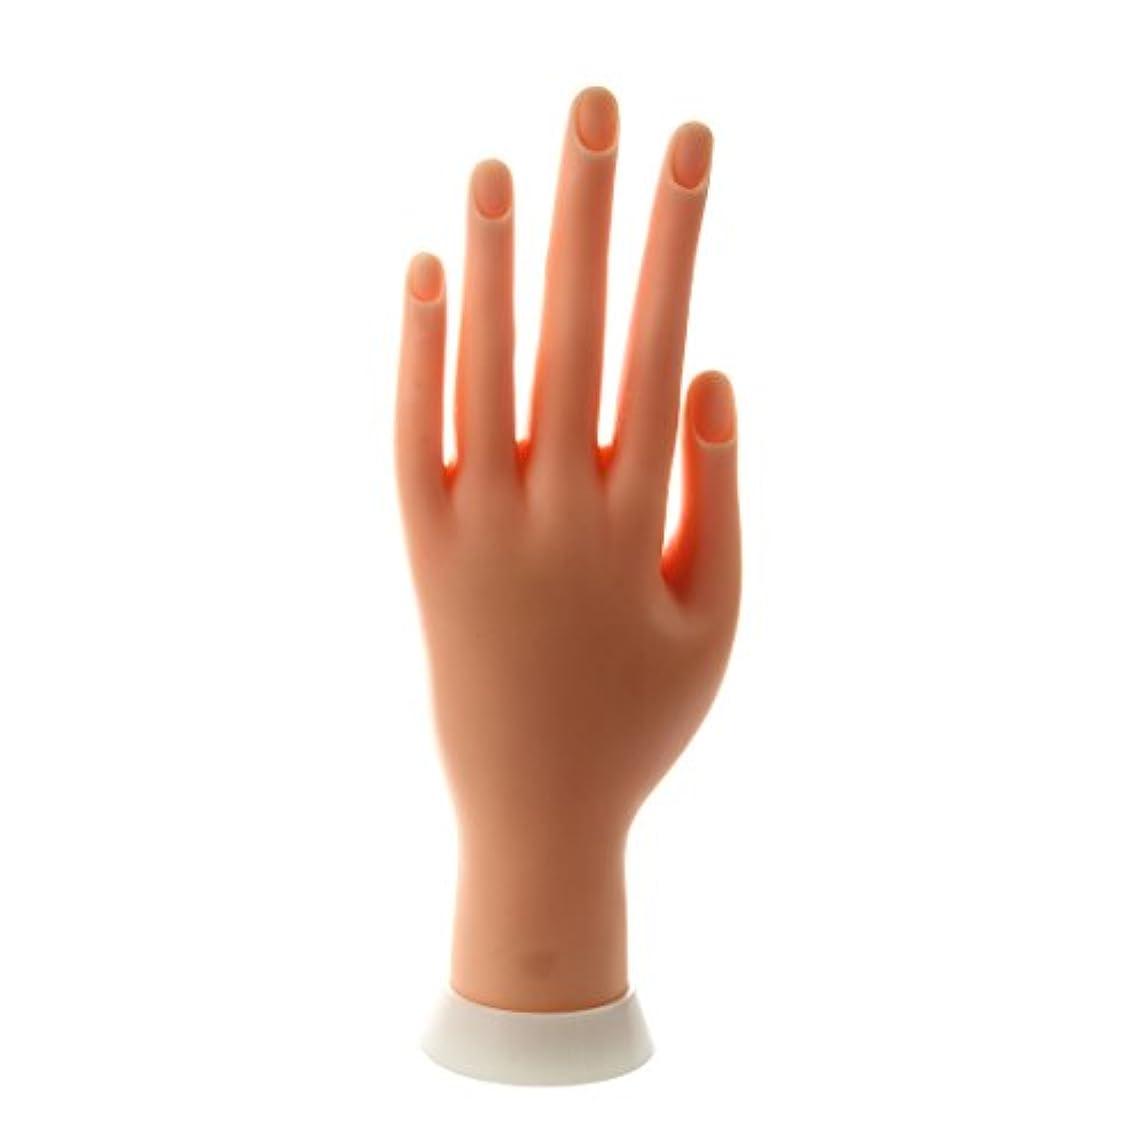 クルーズ強化不十分なSODIAL(R) ネイルアートの練習のためのモデル左手